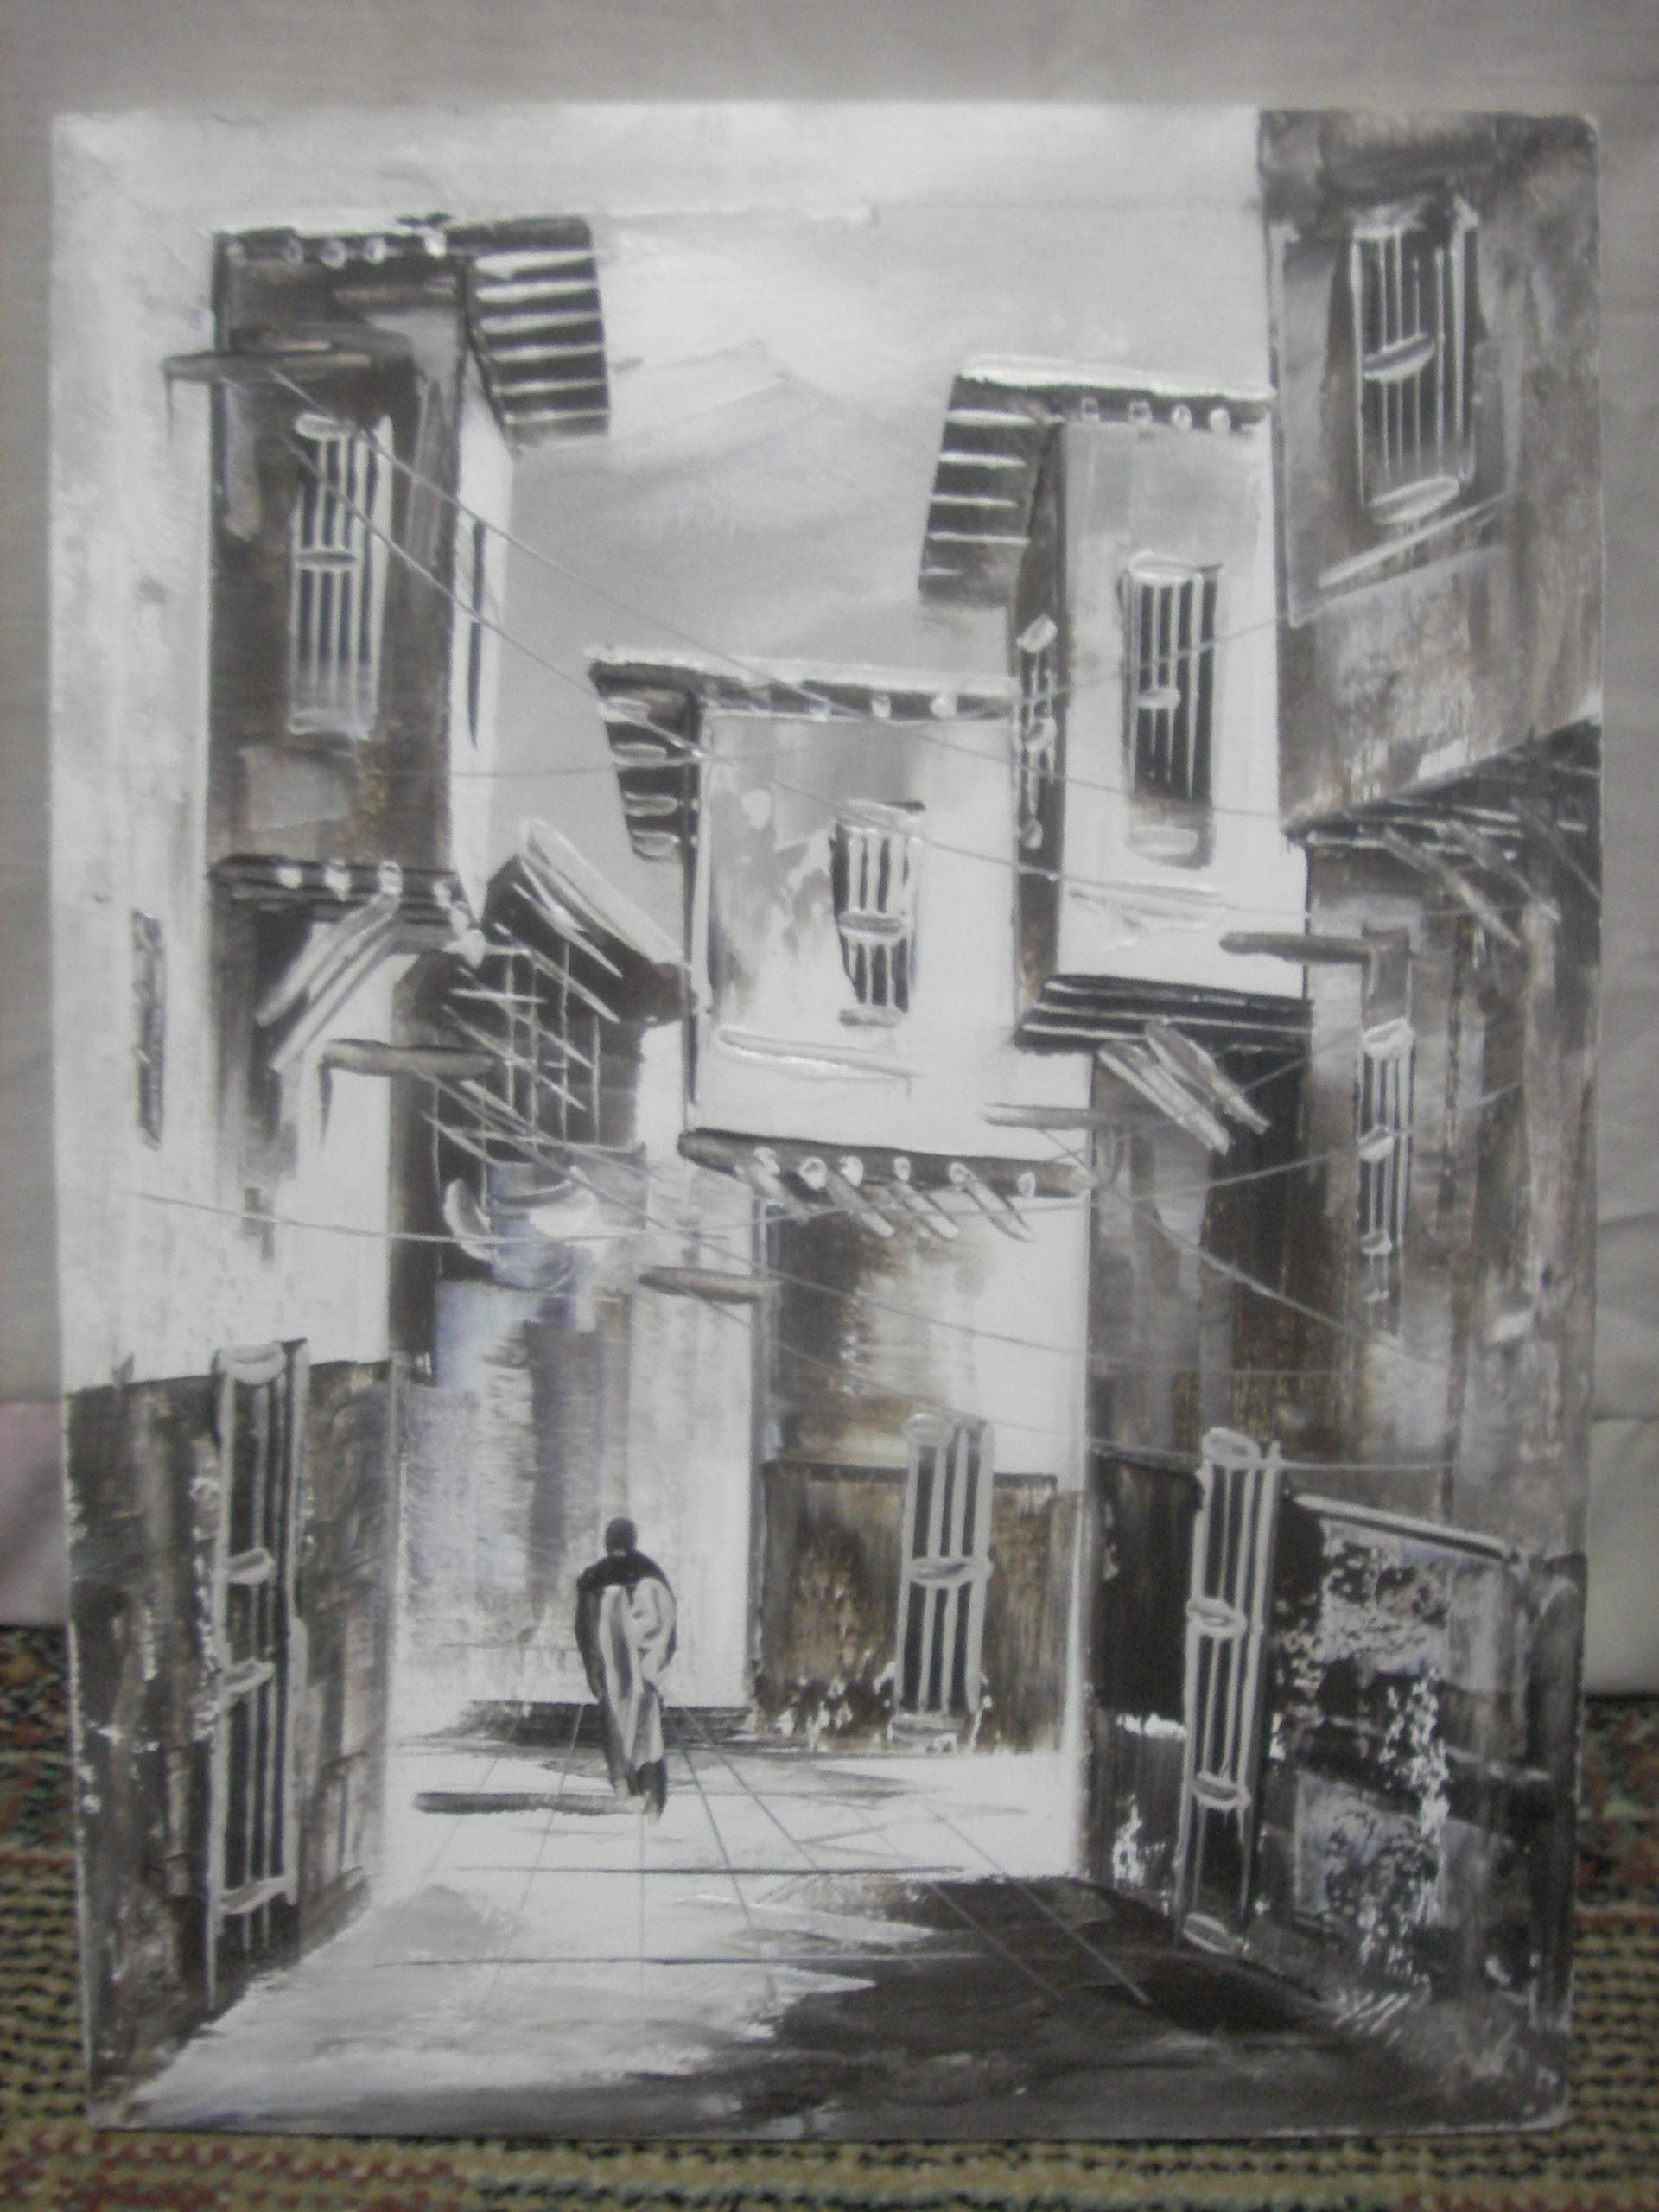 lukisan pemandangan kota hitam putih - Pemandanganoce